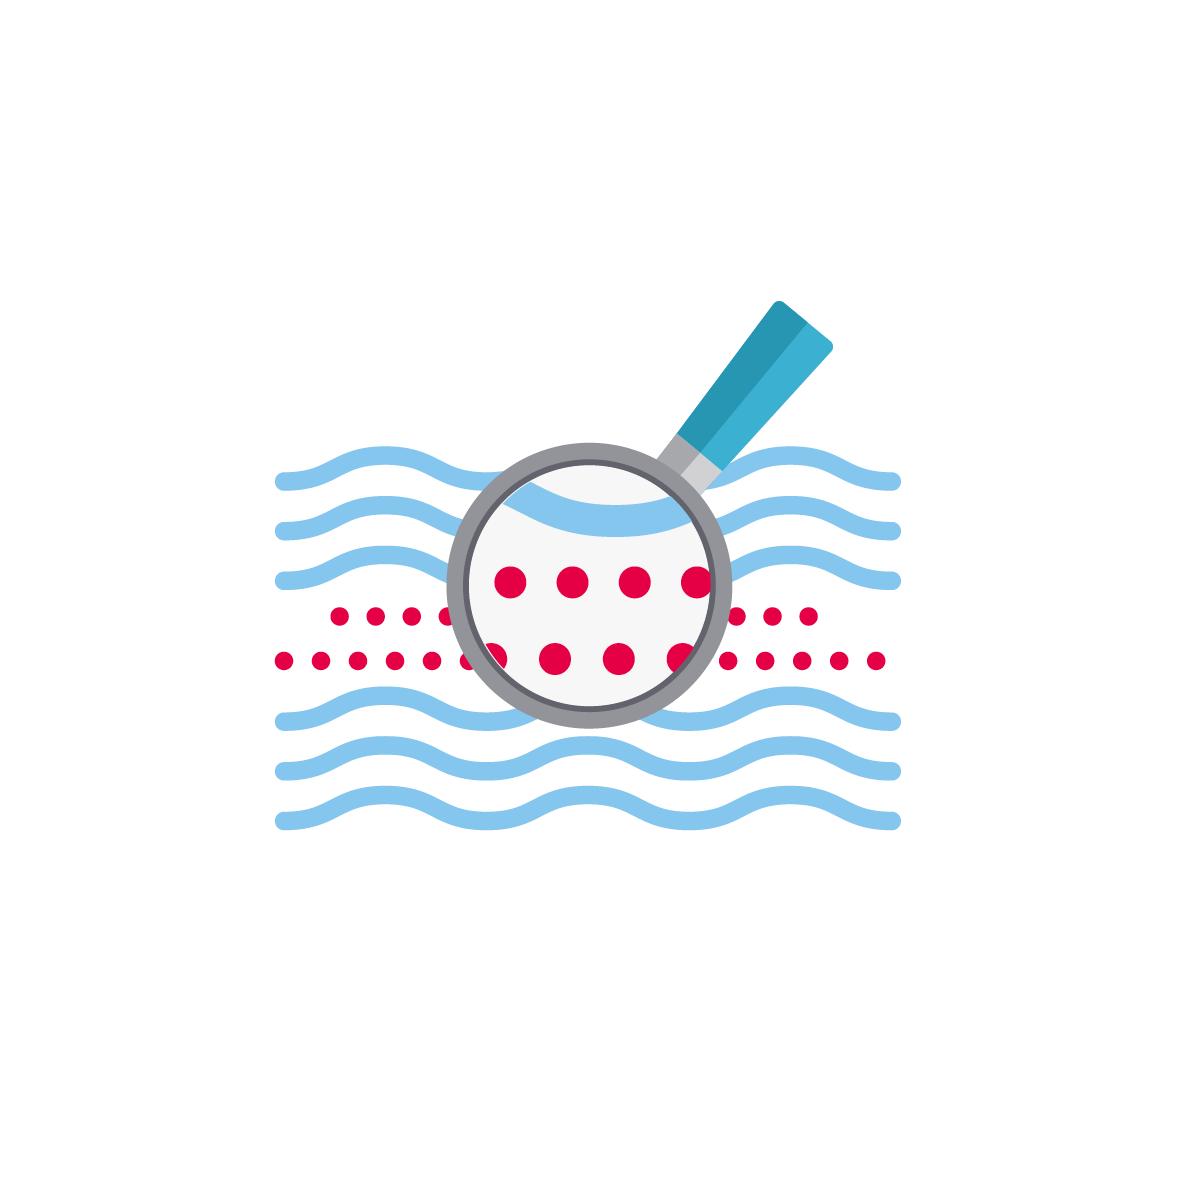 Detektion von Mikroplastik in unterschiedlichen Umweltkompartimenten